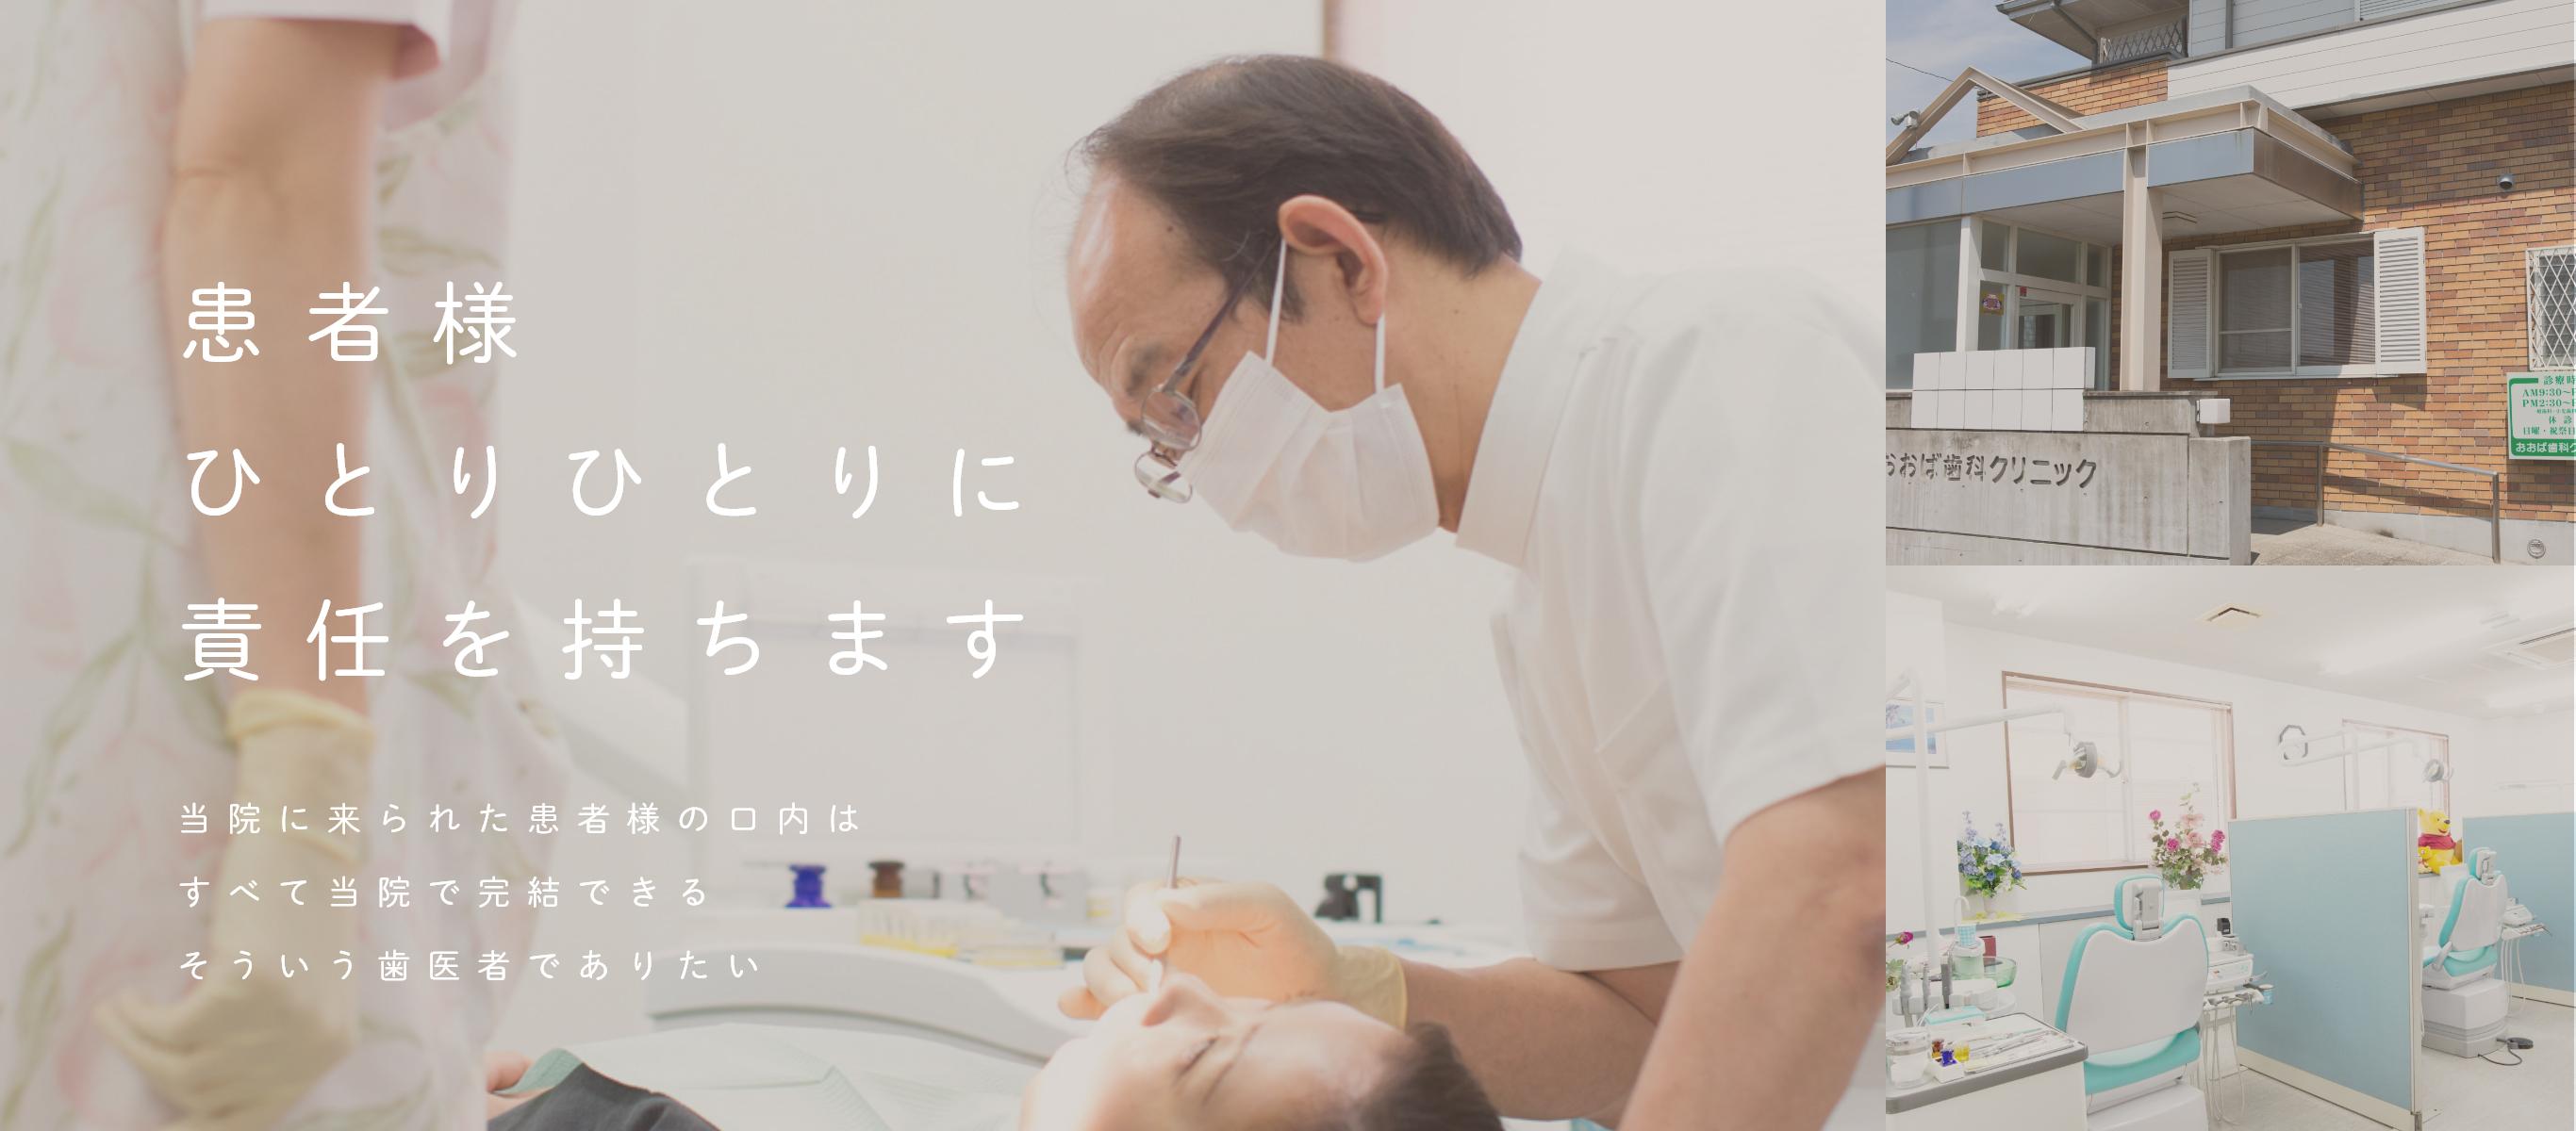 患者様ひとりひとりに責任を持ちます 当院に来られた患者様の口内はすべて当院で完結できるそういう歯医者でありたい